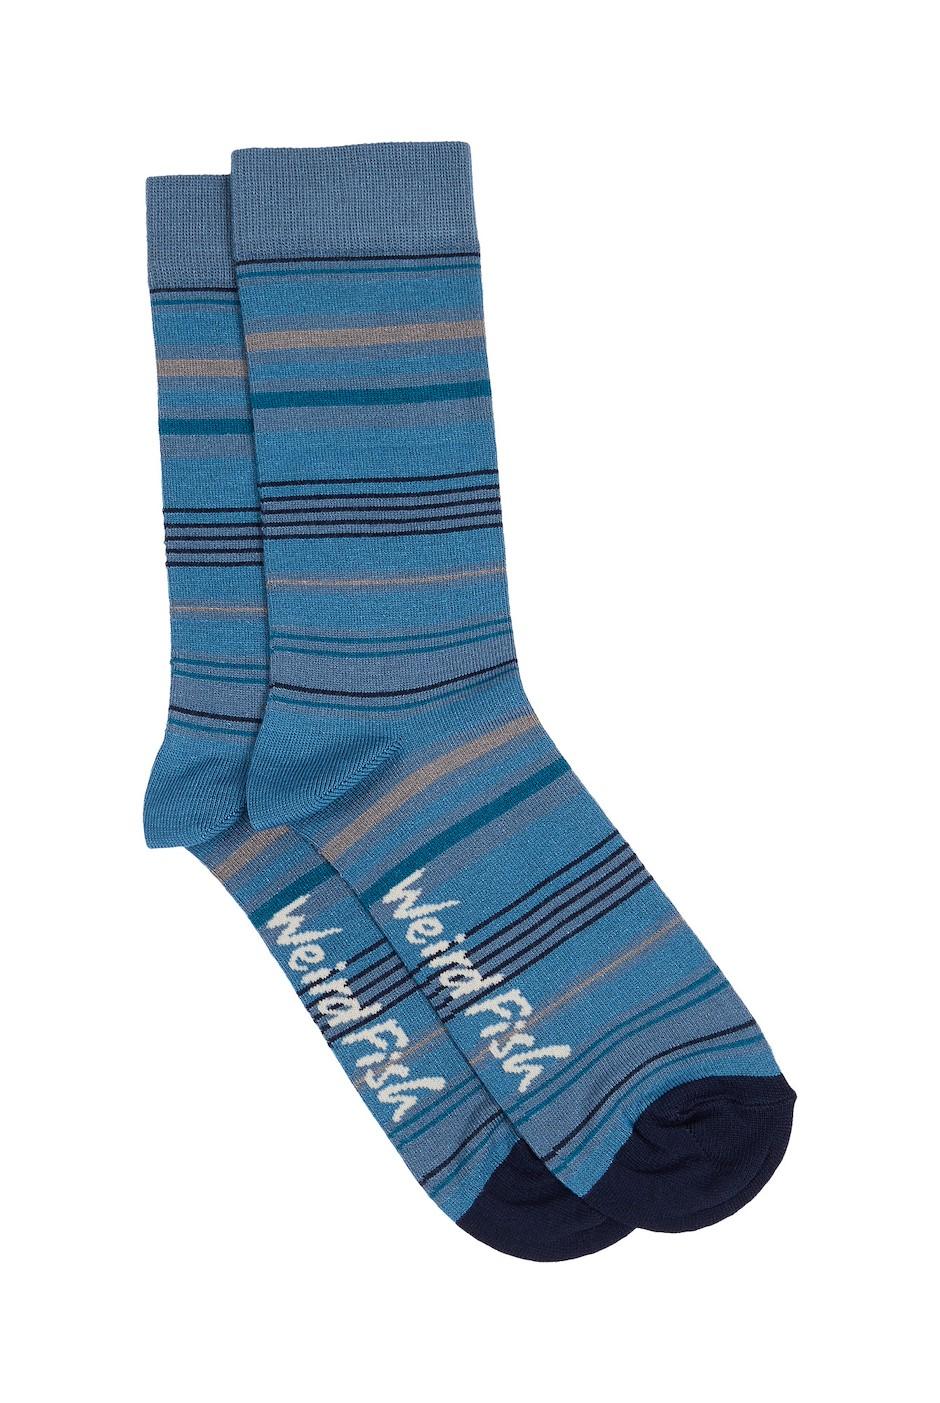 Mohr Bamboo Stripe Socks Provincial Blue